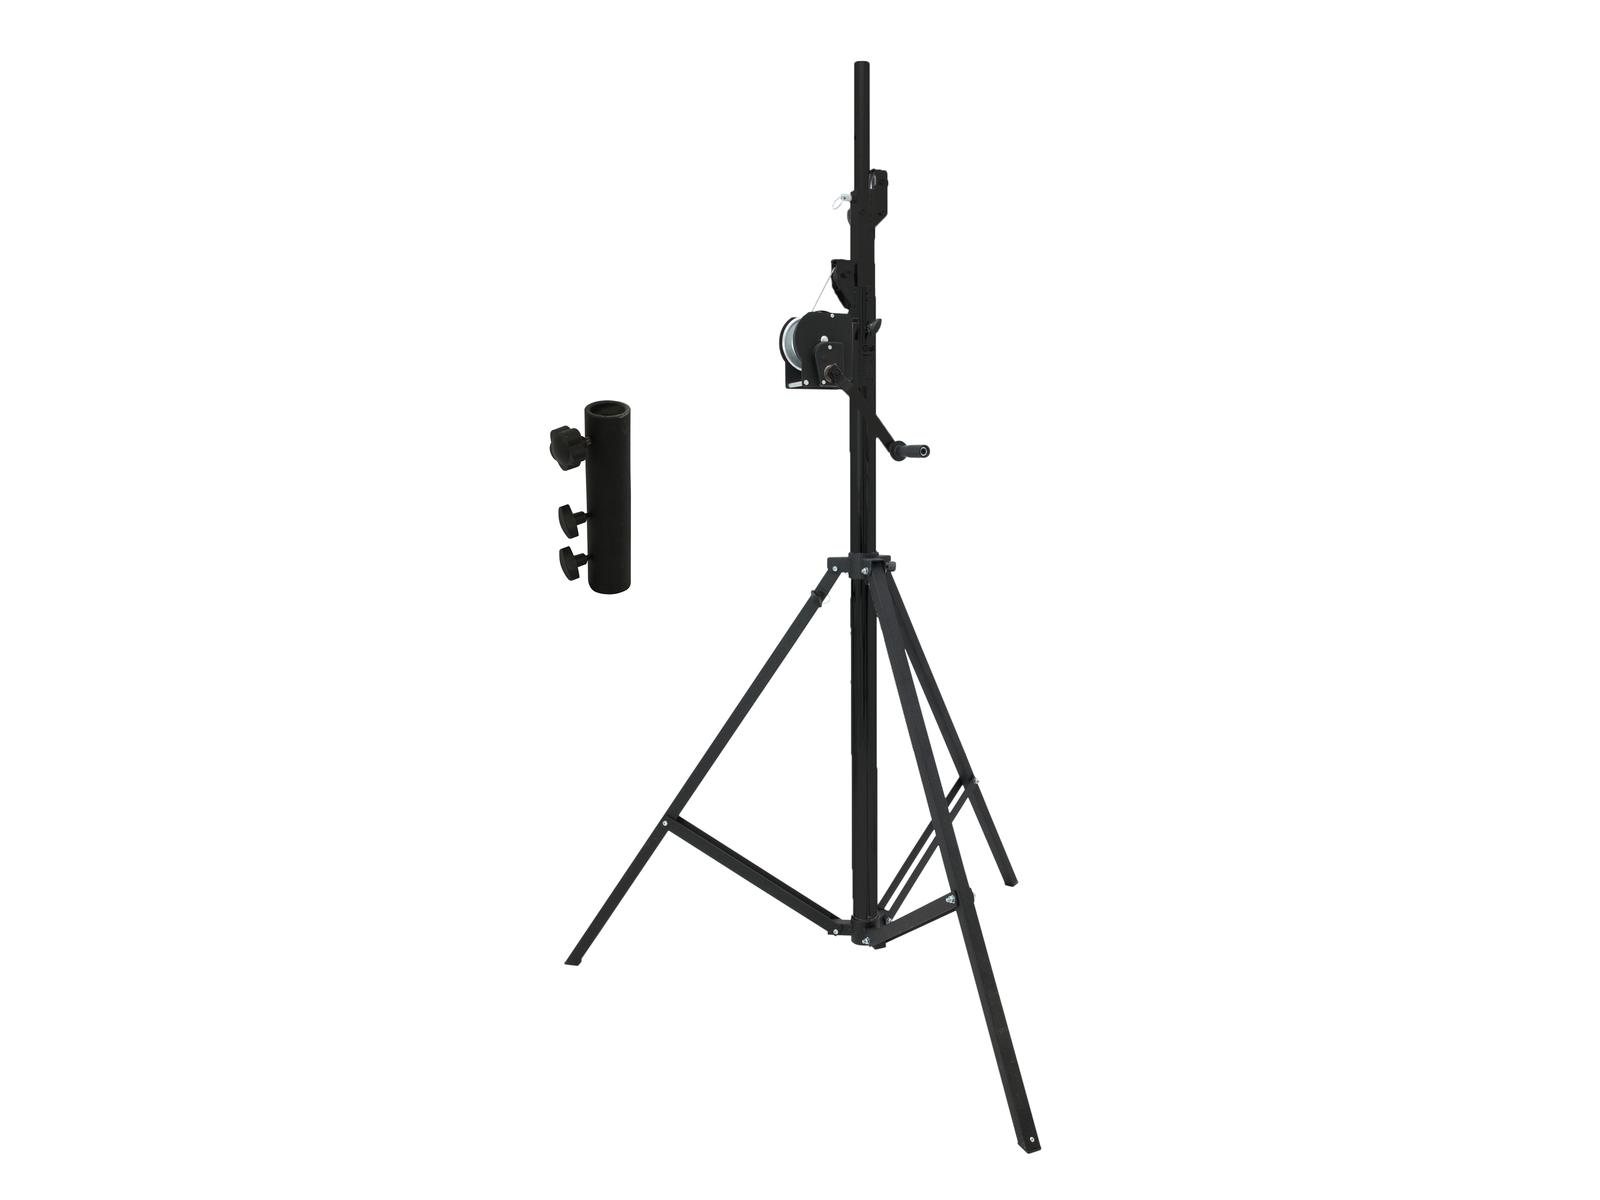 EUROLITE Set STT-400/85 Kurbelstativ TÜV/GS schwarz + STV3529 Adapter lang